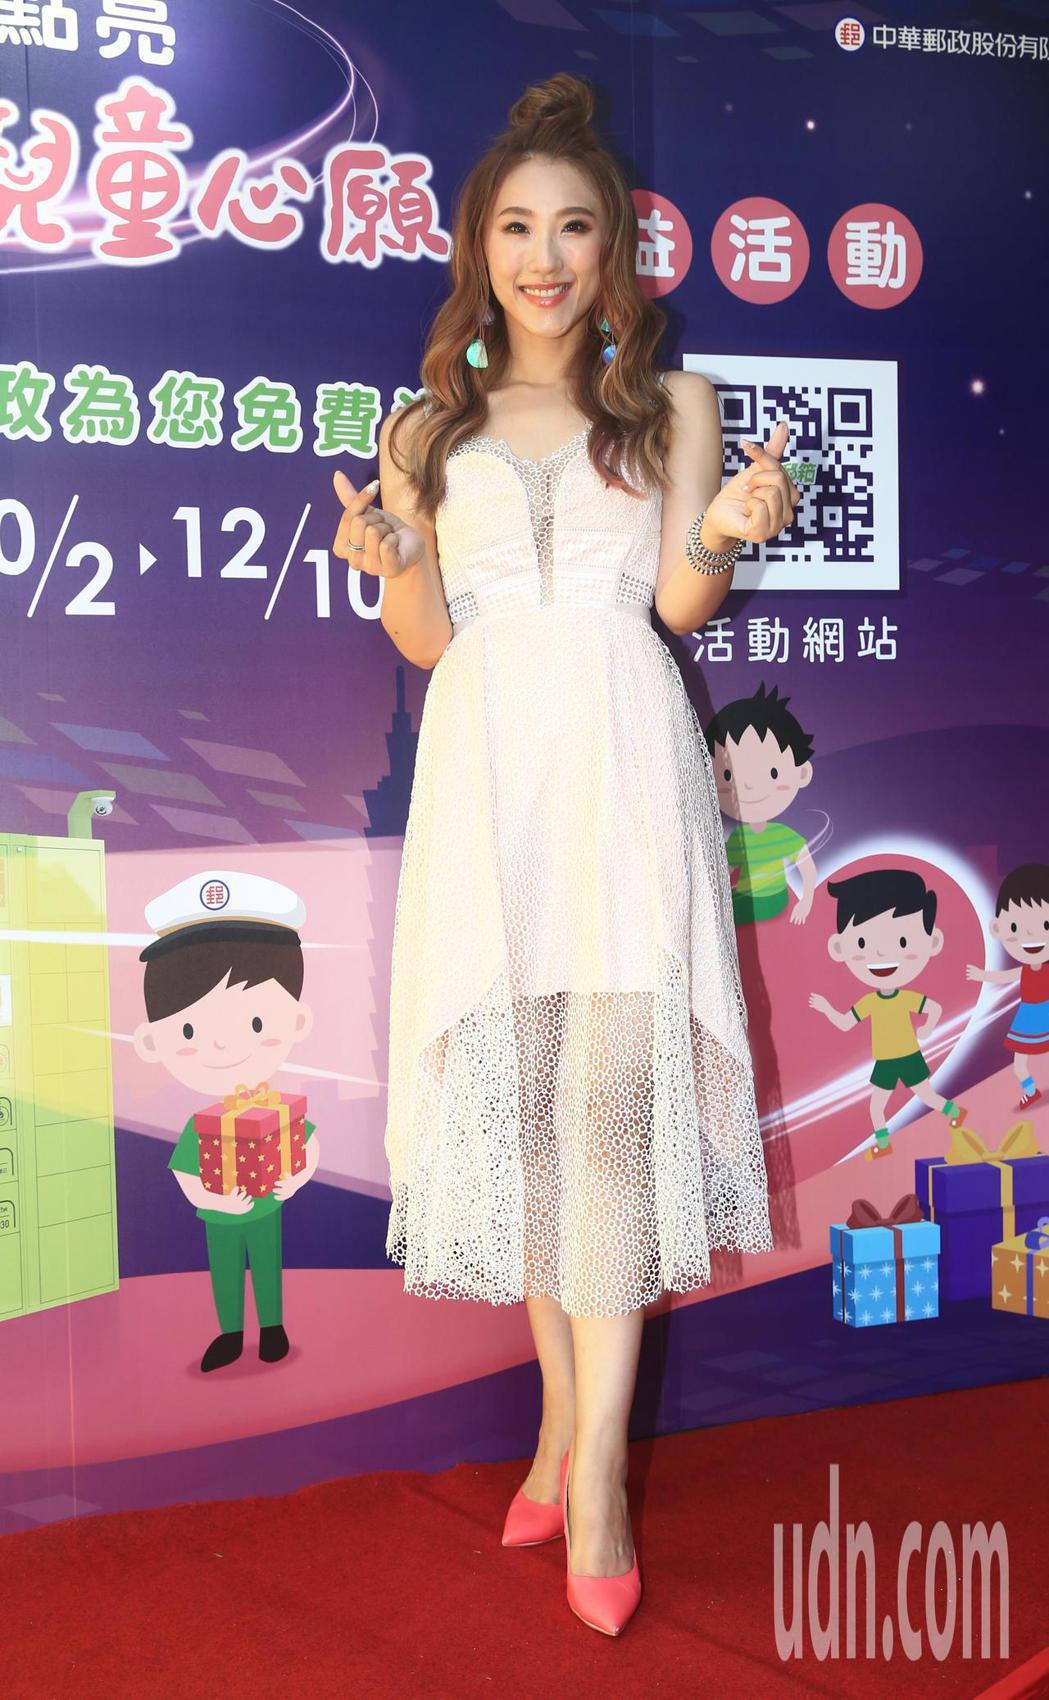 智慧城市168活動開跑媒體座談會記者會下午在台北電影公園舉行,藝人謝金晶帶眾人一...